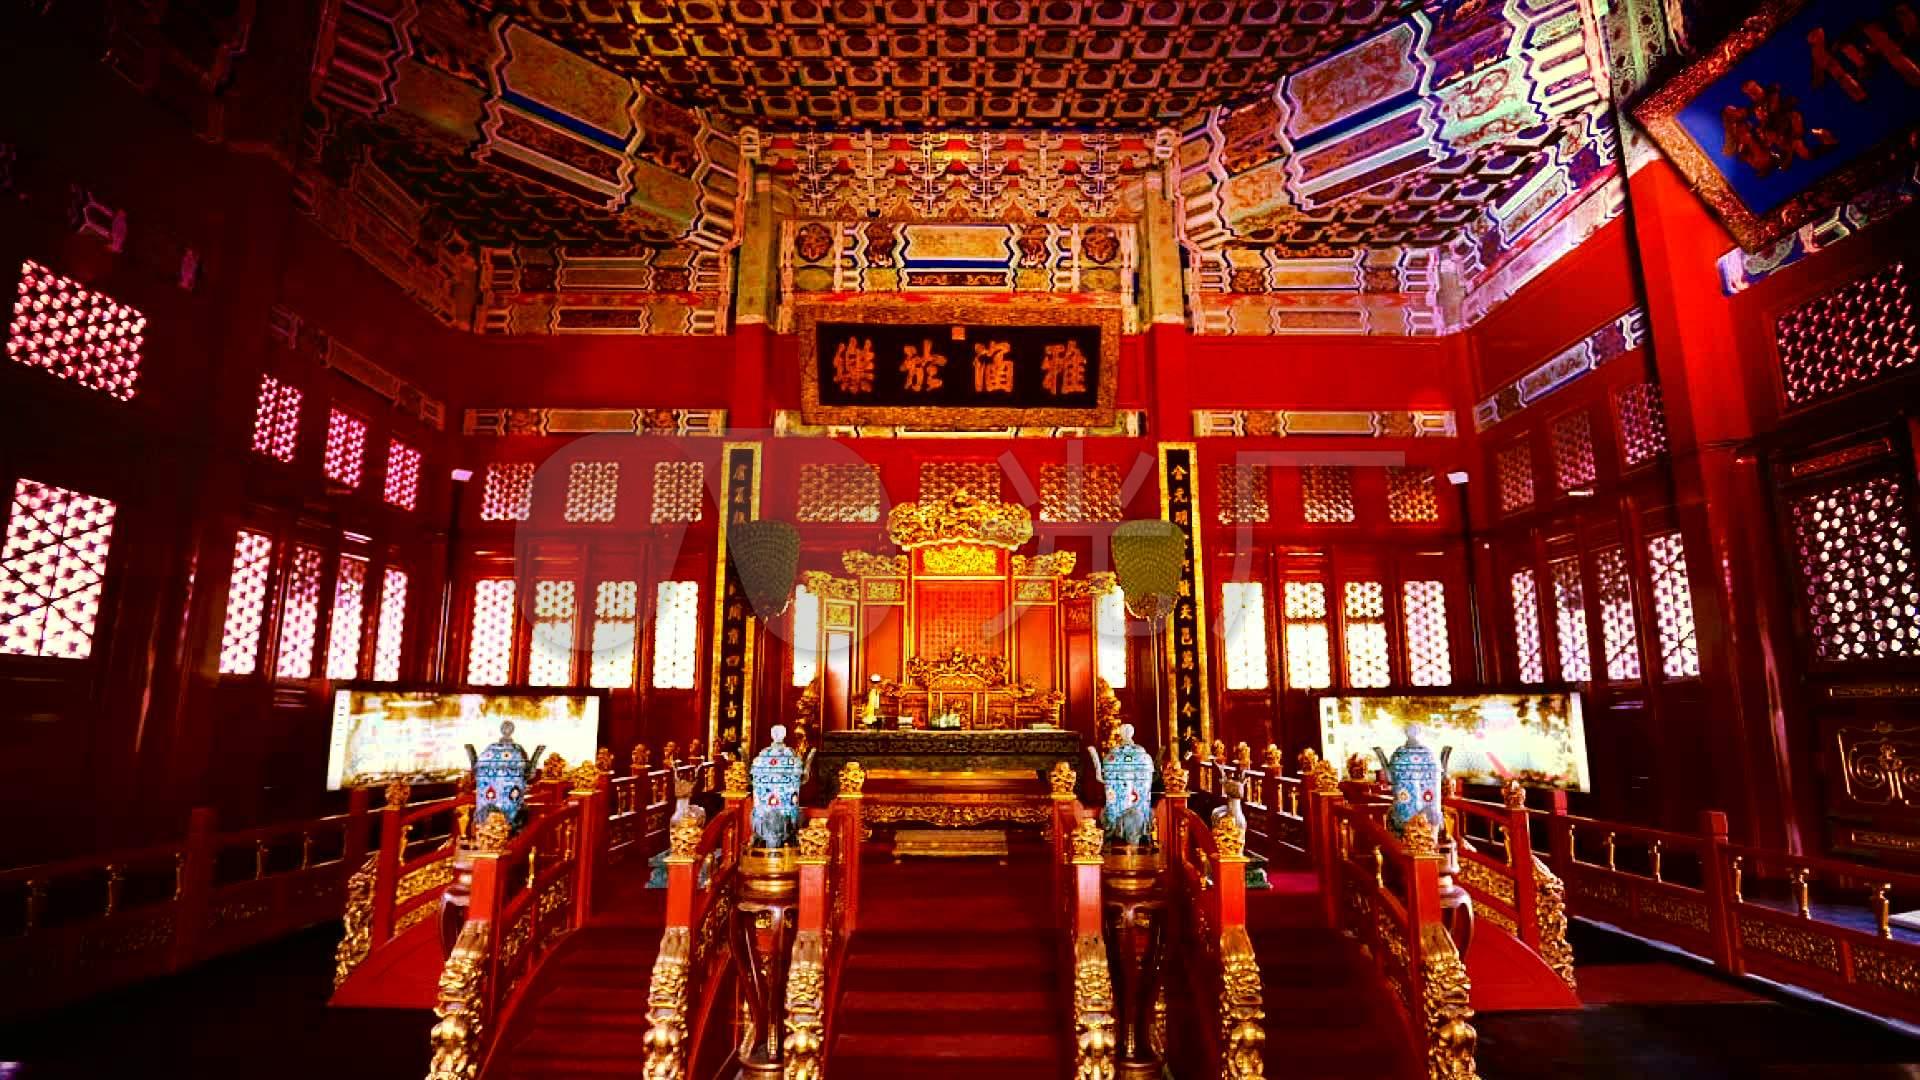 皇宫金銮殿龙椅led视频背景_1920x1080_高清视频素材